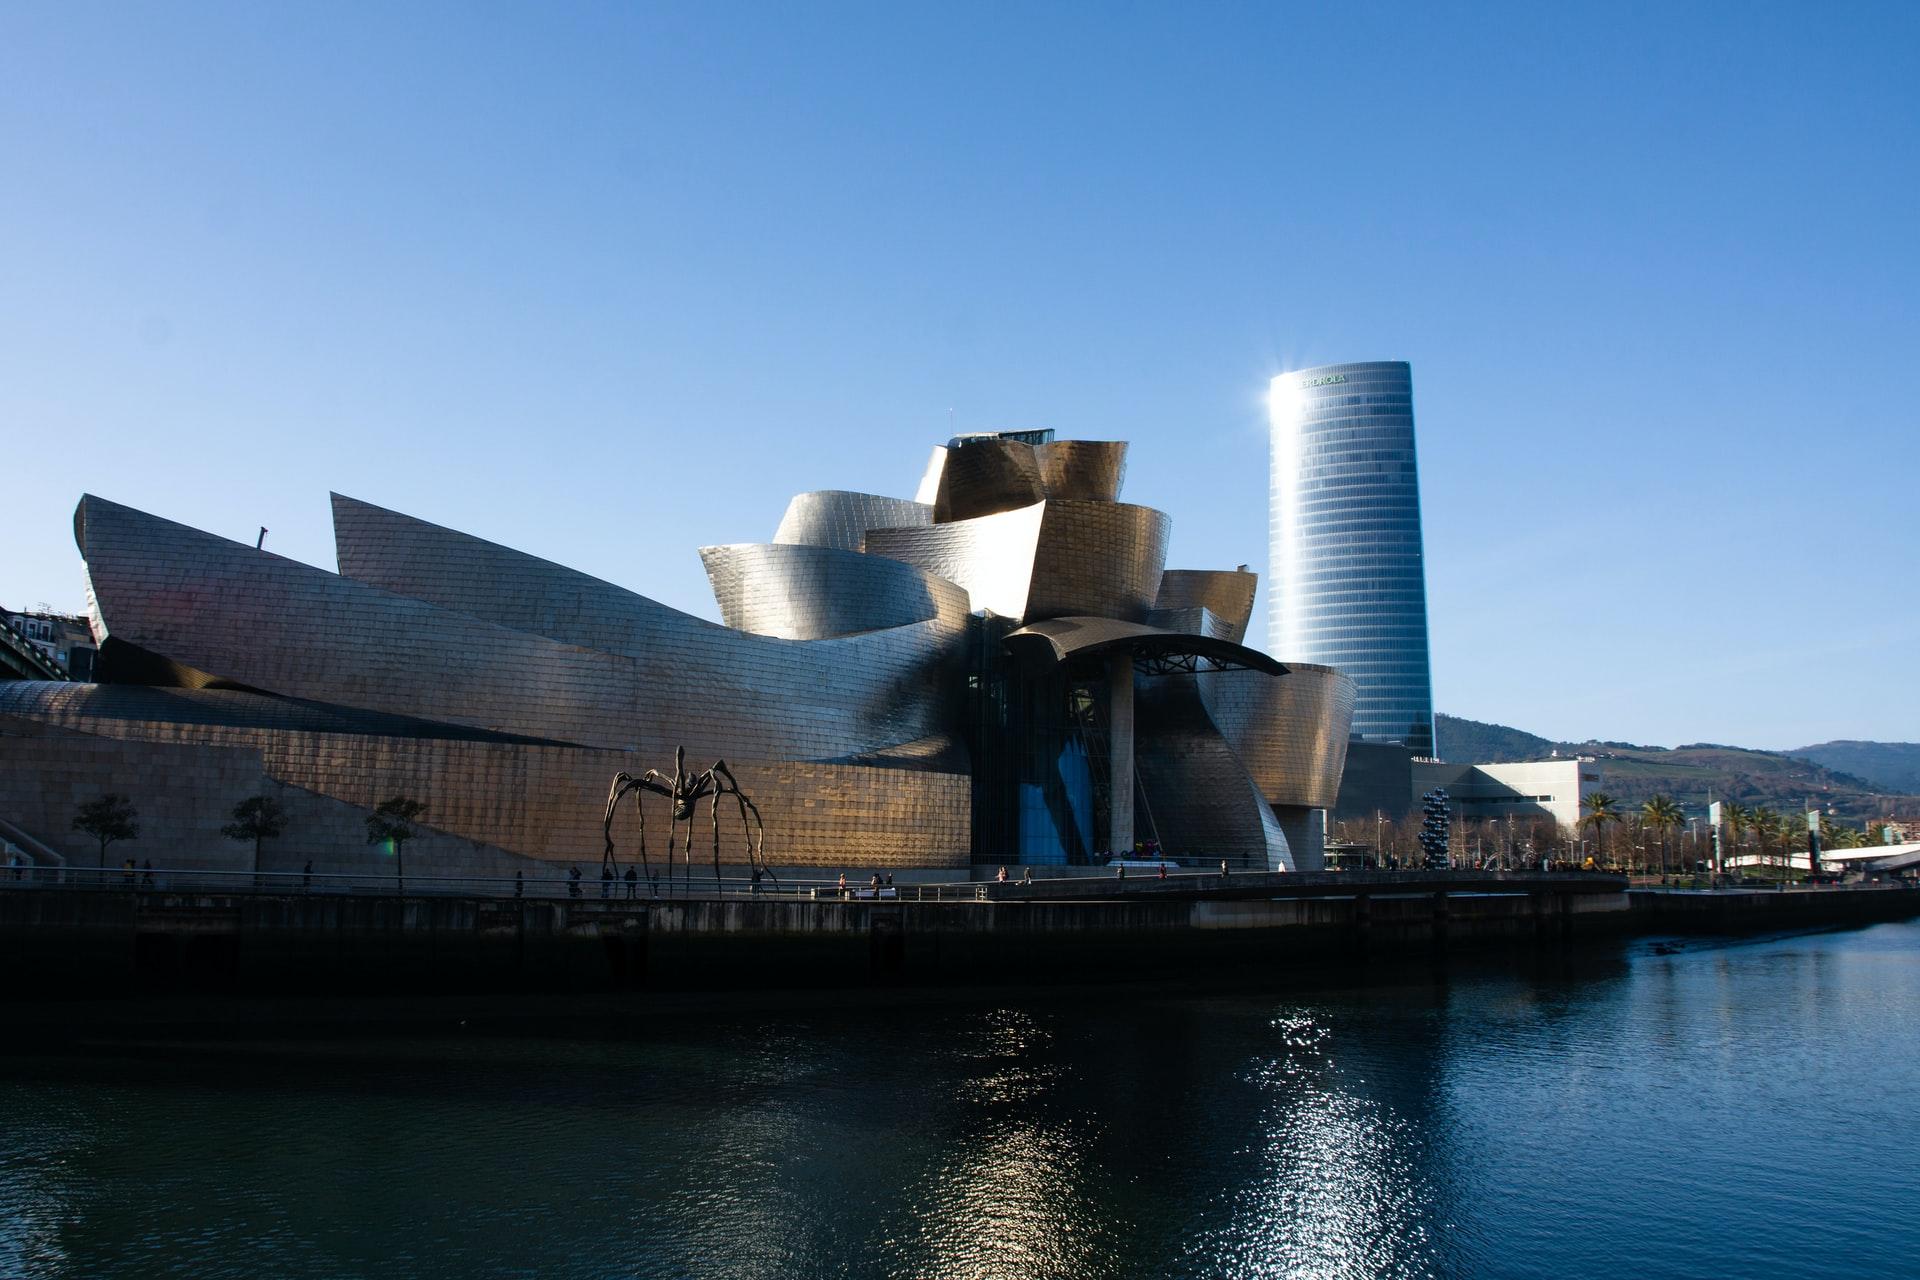 Guida alla visita del Guggenheim di Bilbao